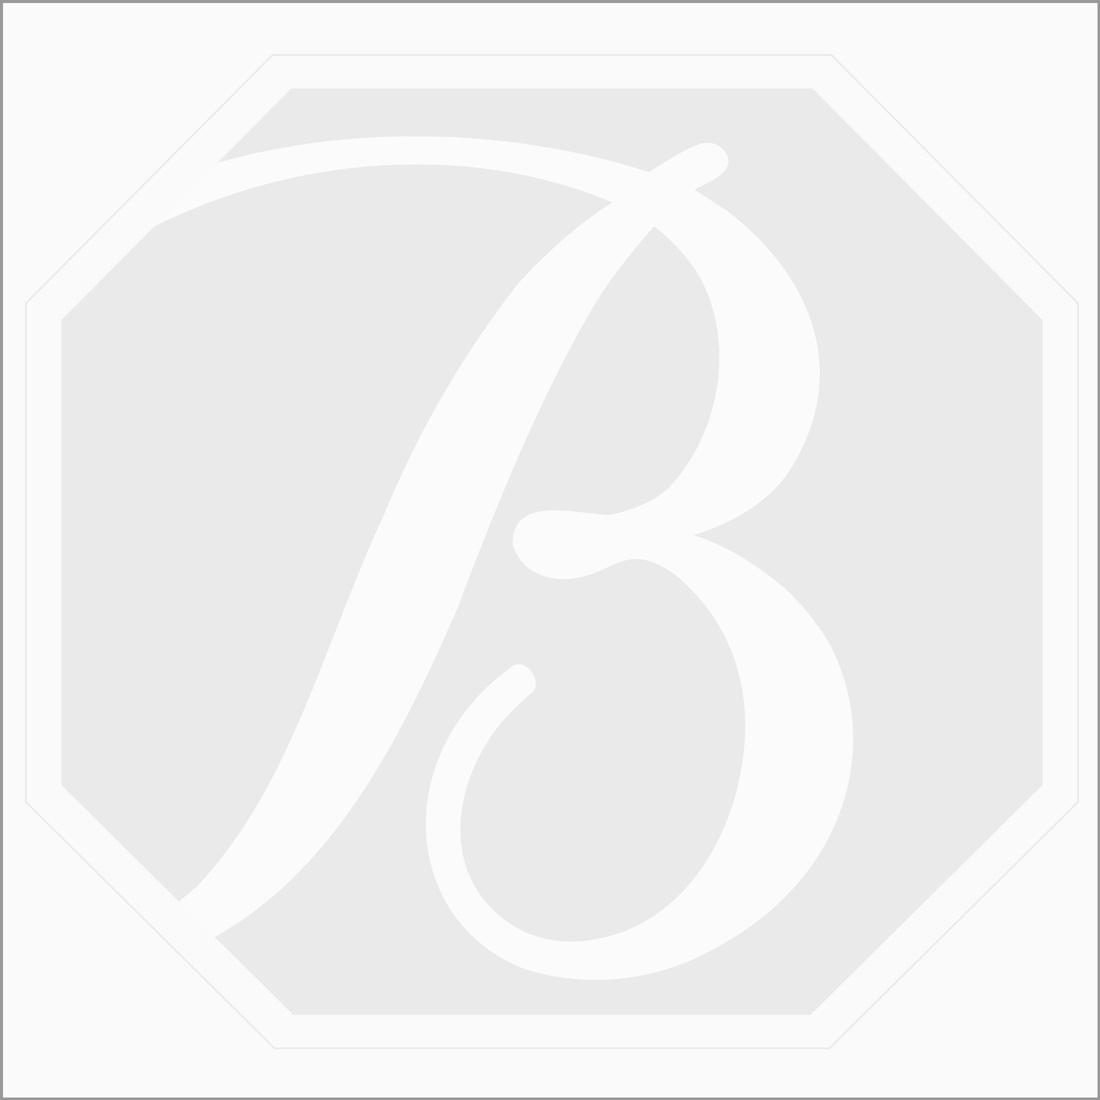 2 Pcs - Dark Green Tourmaline Rose Cuts - 8.32 ct. - 13 x 9.9 x 4.2 mm & 13 x 9.7 x 3.6 mm (TRC1013)